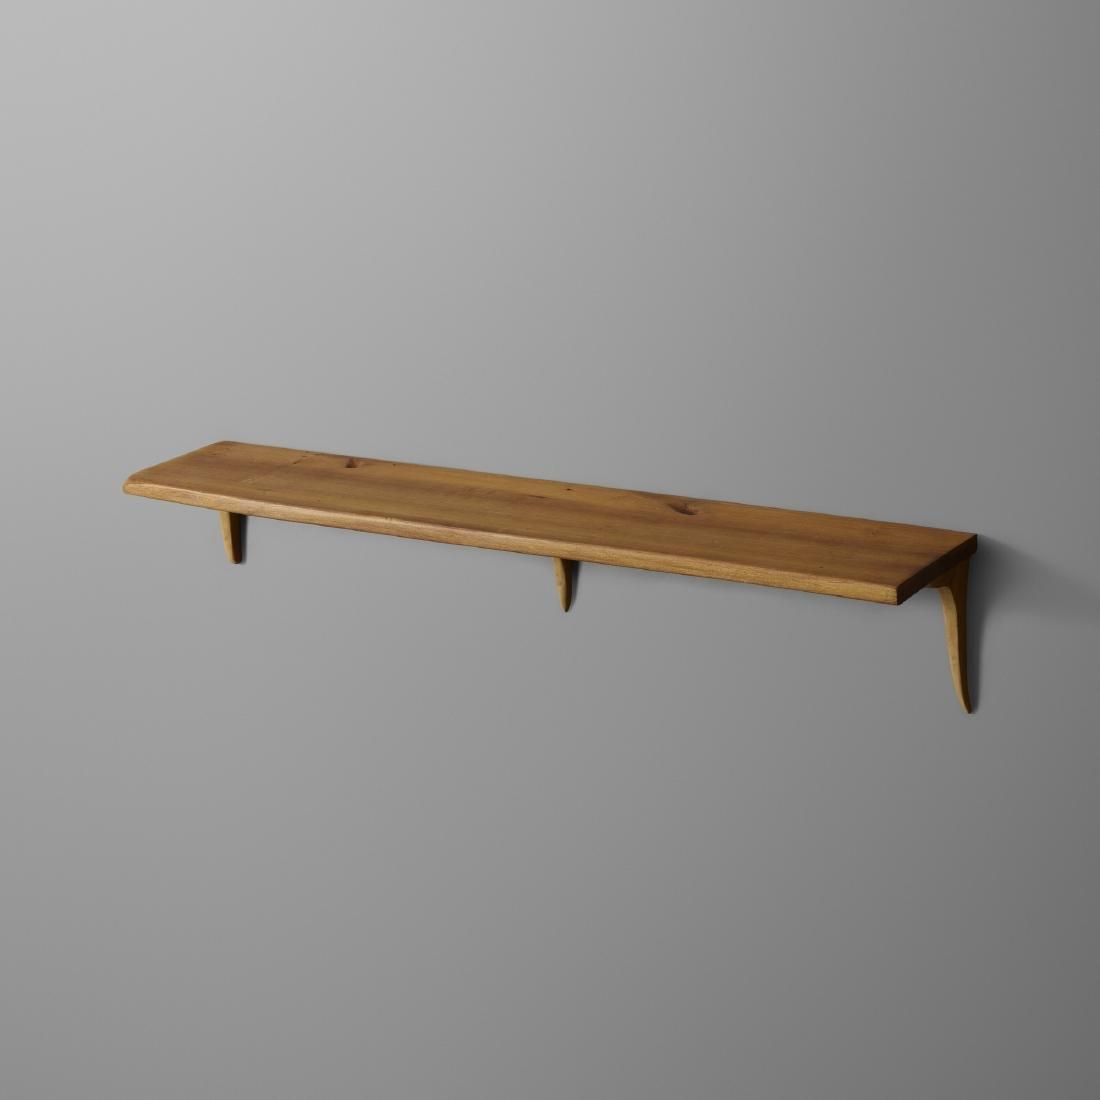 Wharton Esherick, wall-mounted shelf, Seiver Collection